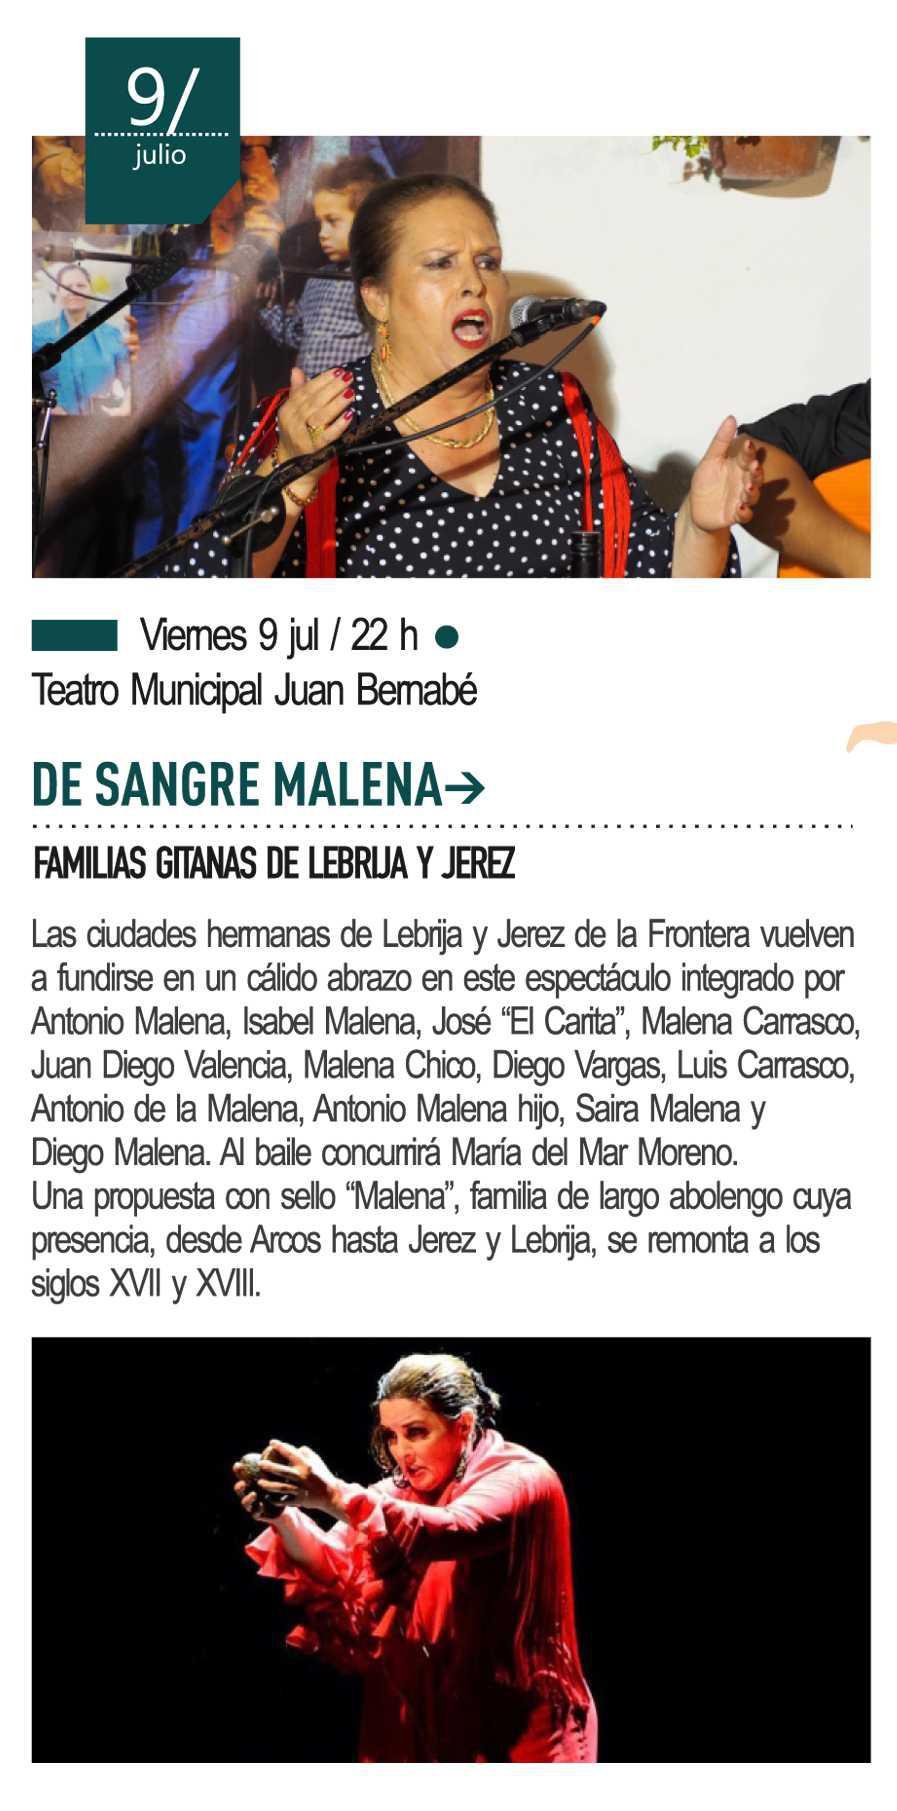 9 de julio - De sangre Malena, familias gitanas de Lebrija y Jerez